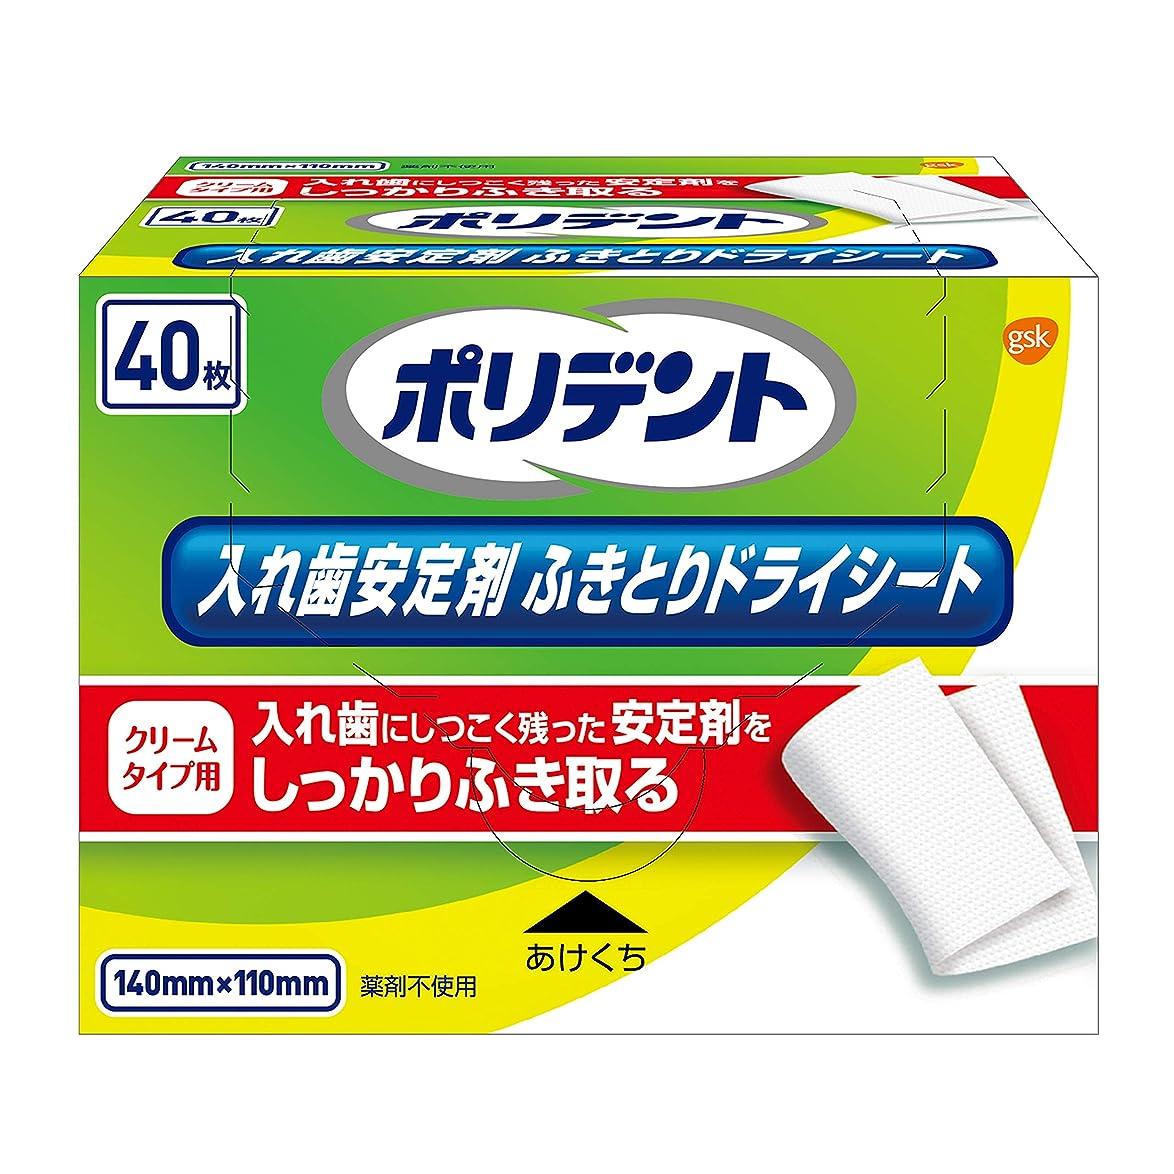 頭予防接種電子レンジポリデント 入れ歯安定剤ふきとりドライシート 40枚